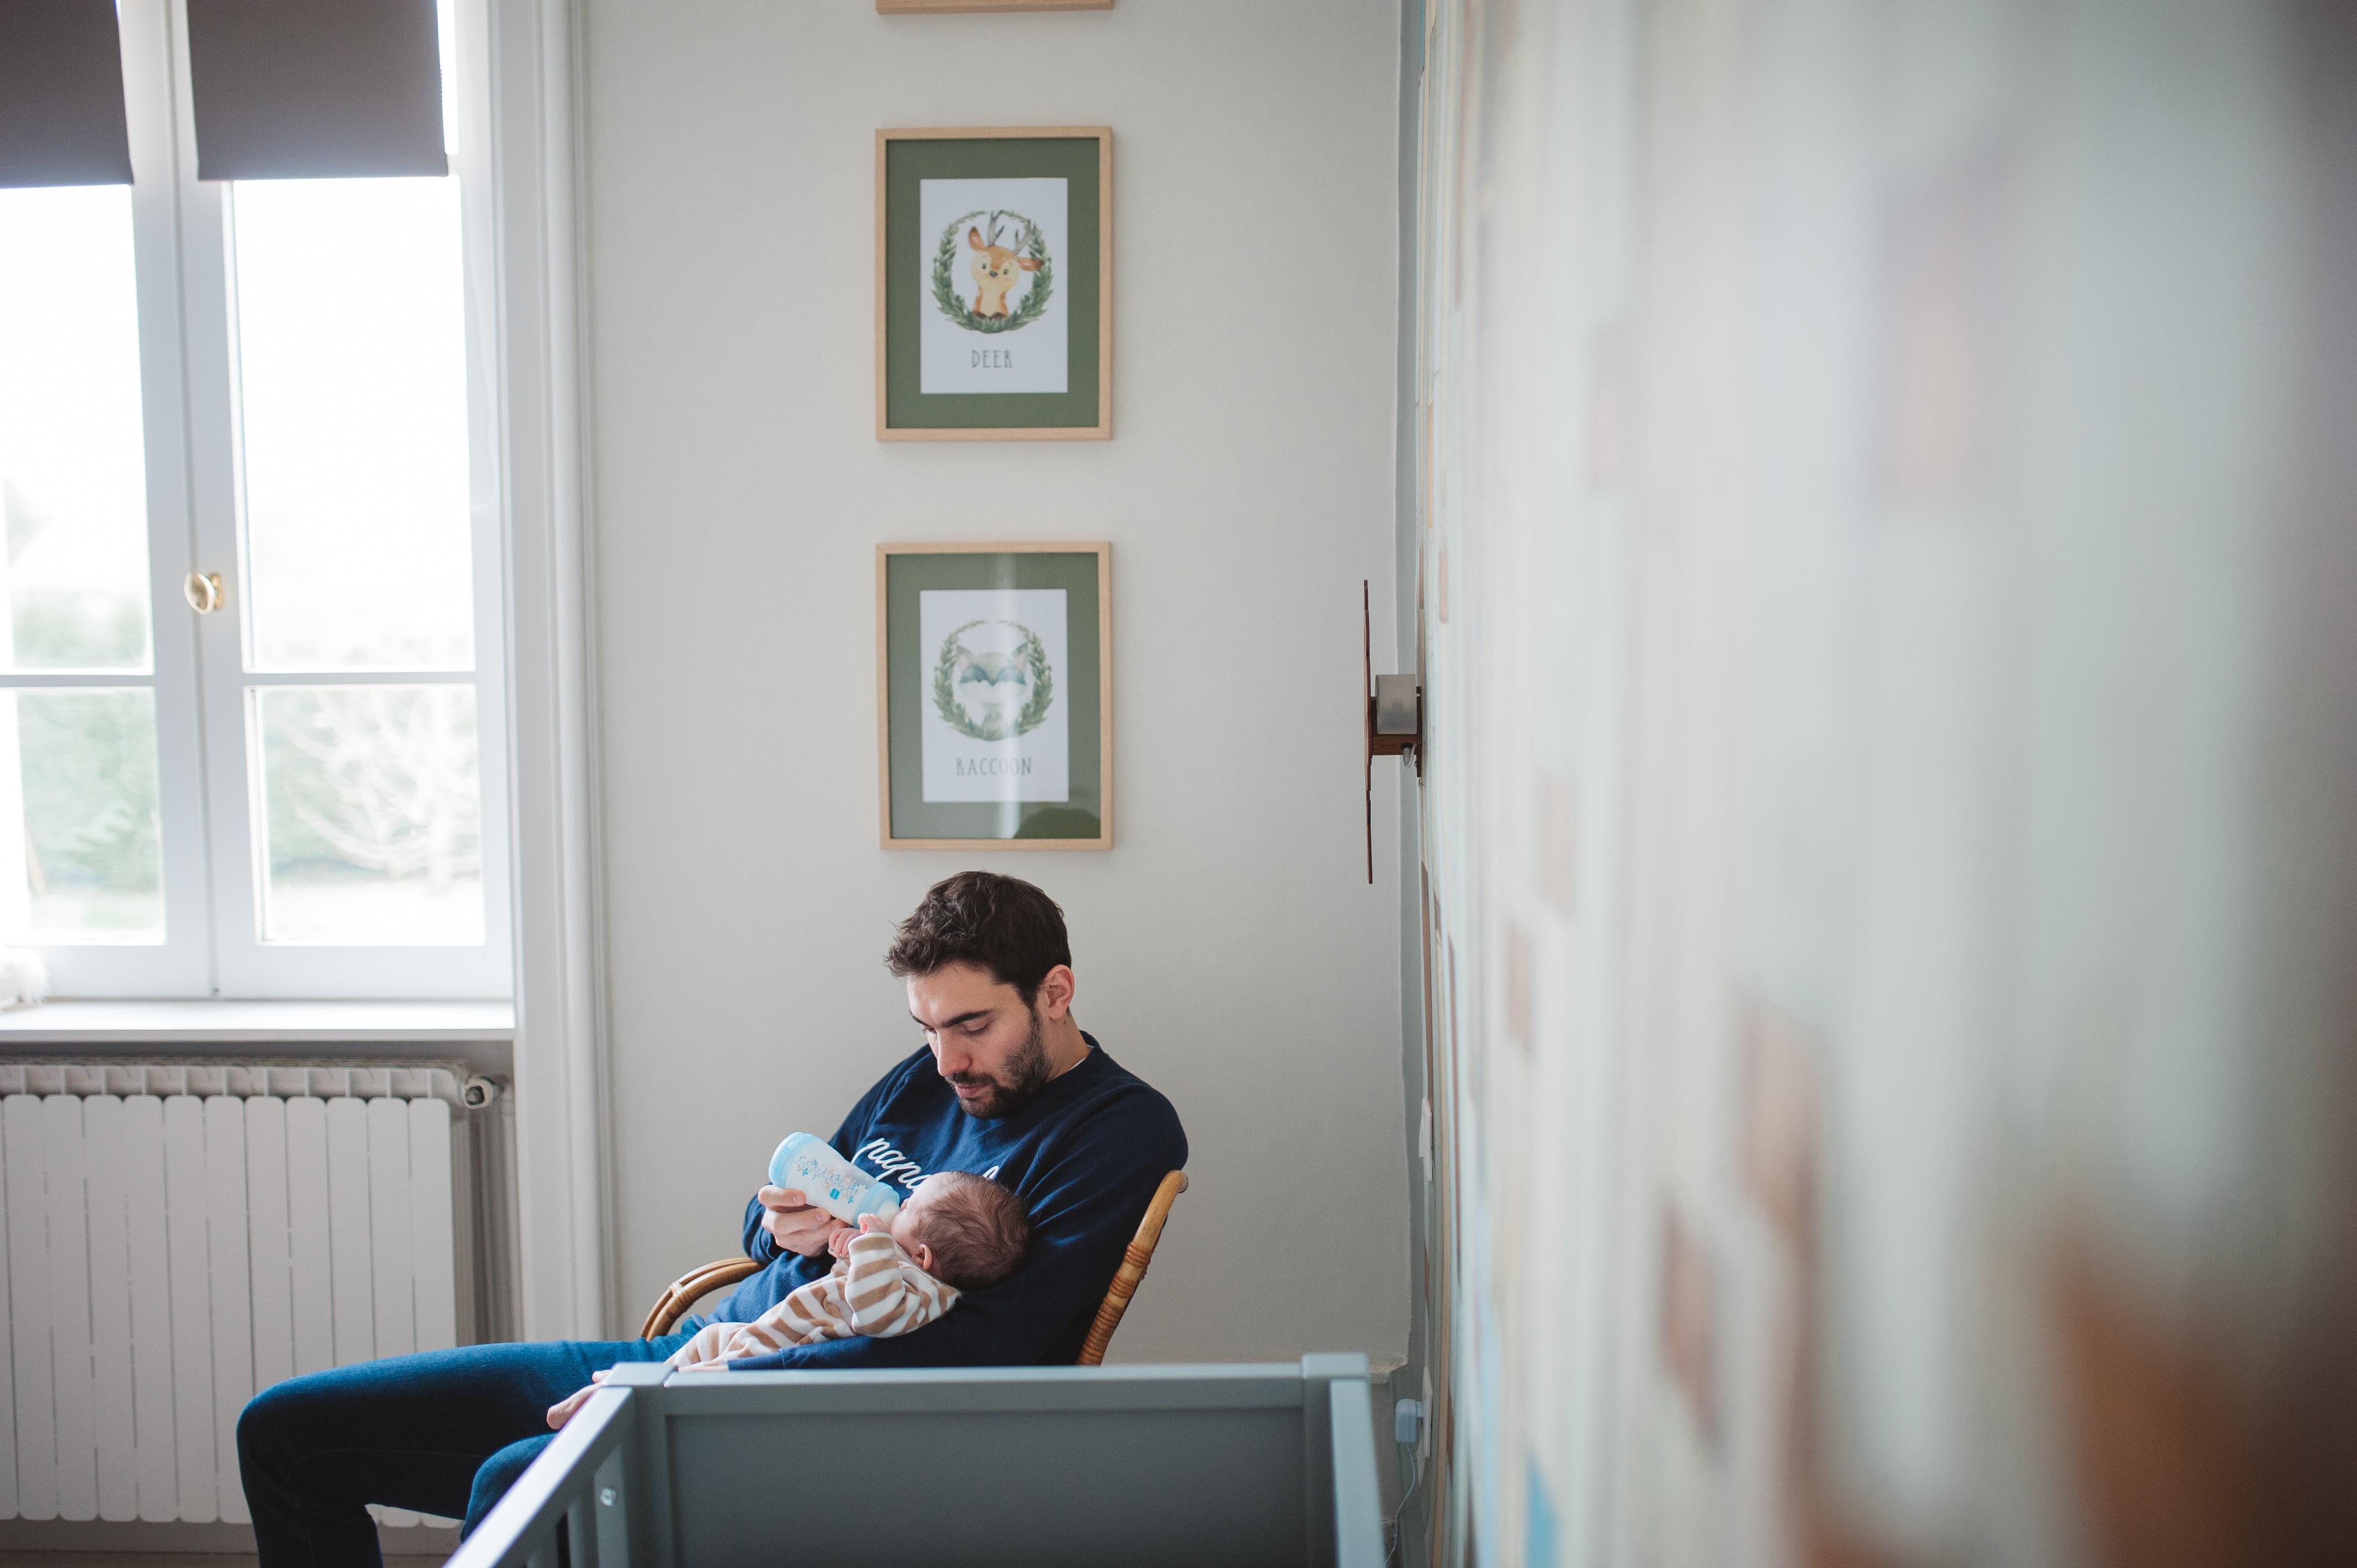 photographe naissance faire part vidéo photo lyon lifestyle reportage